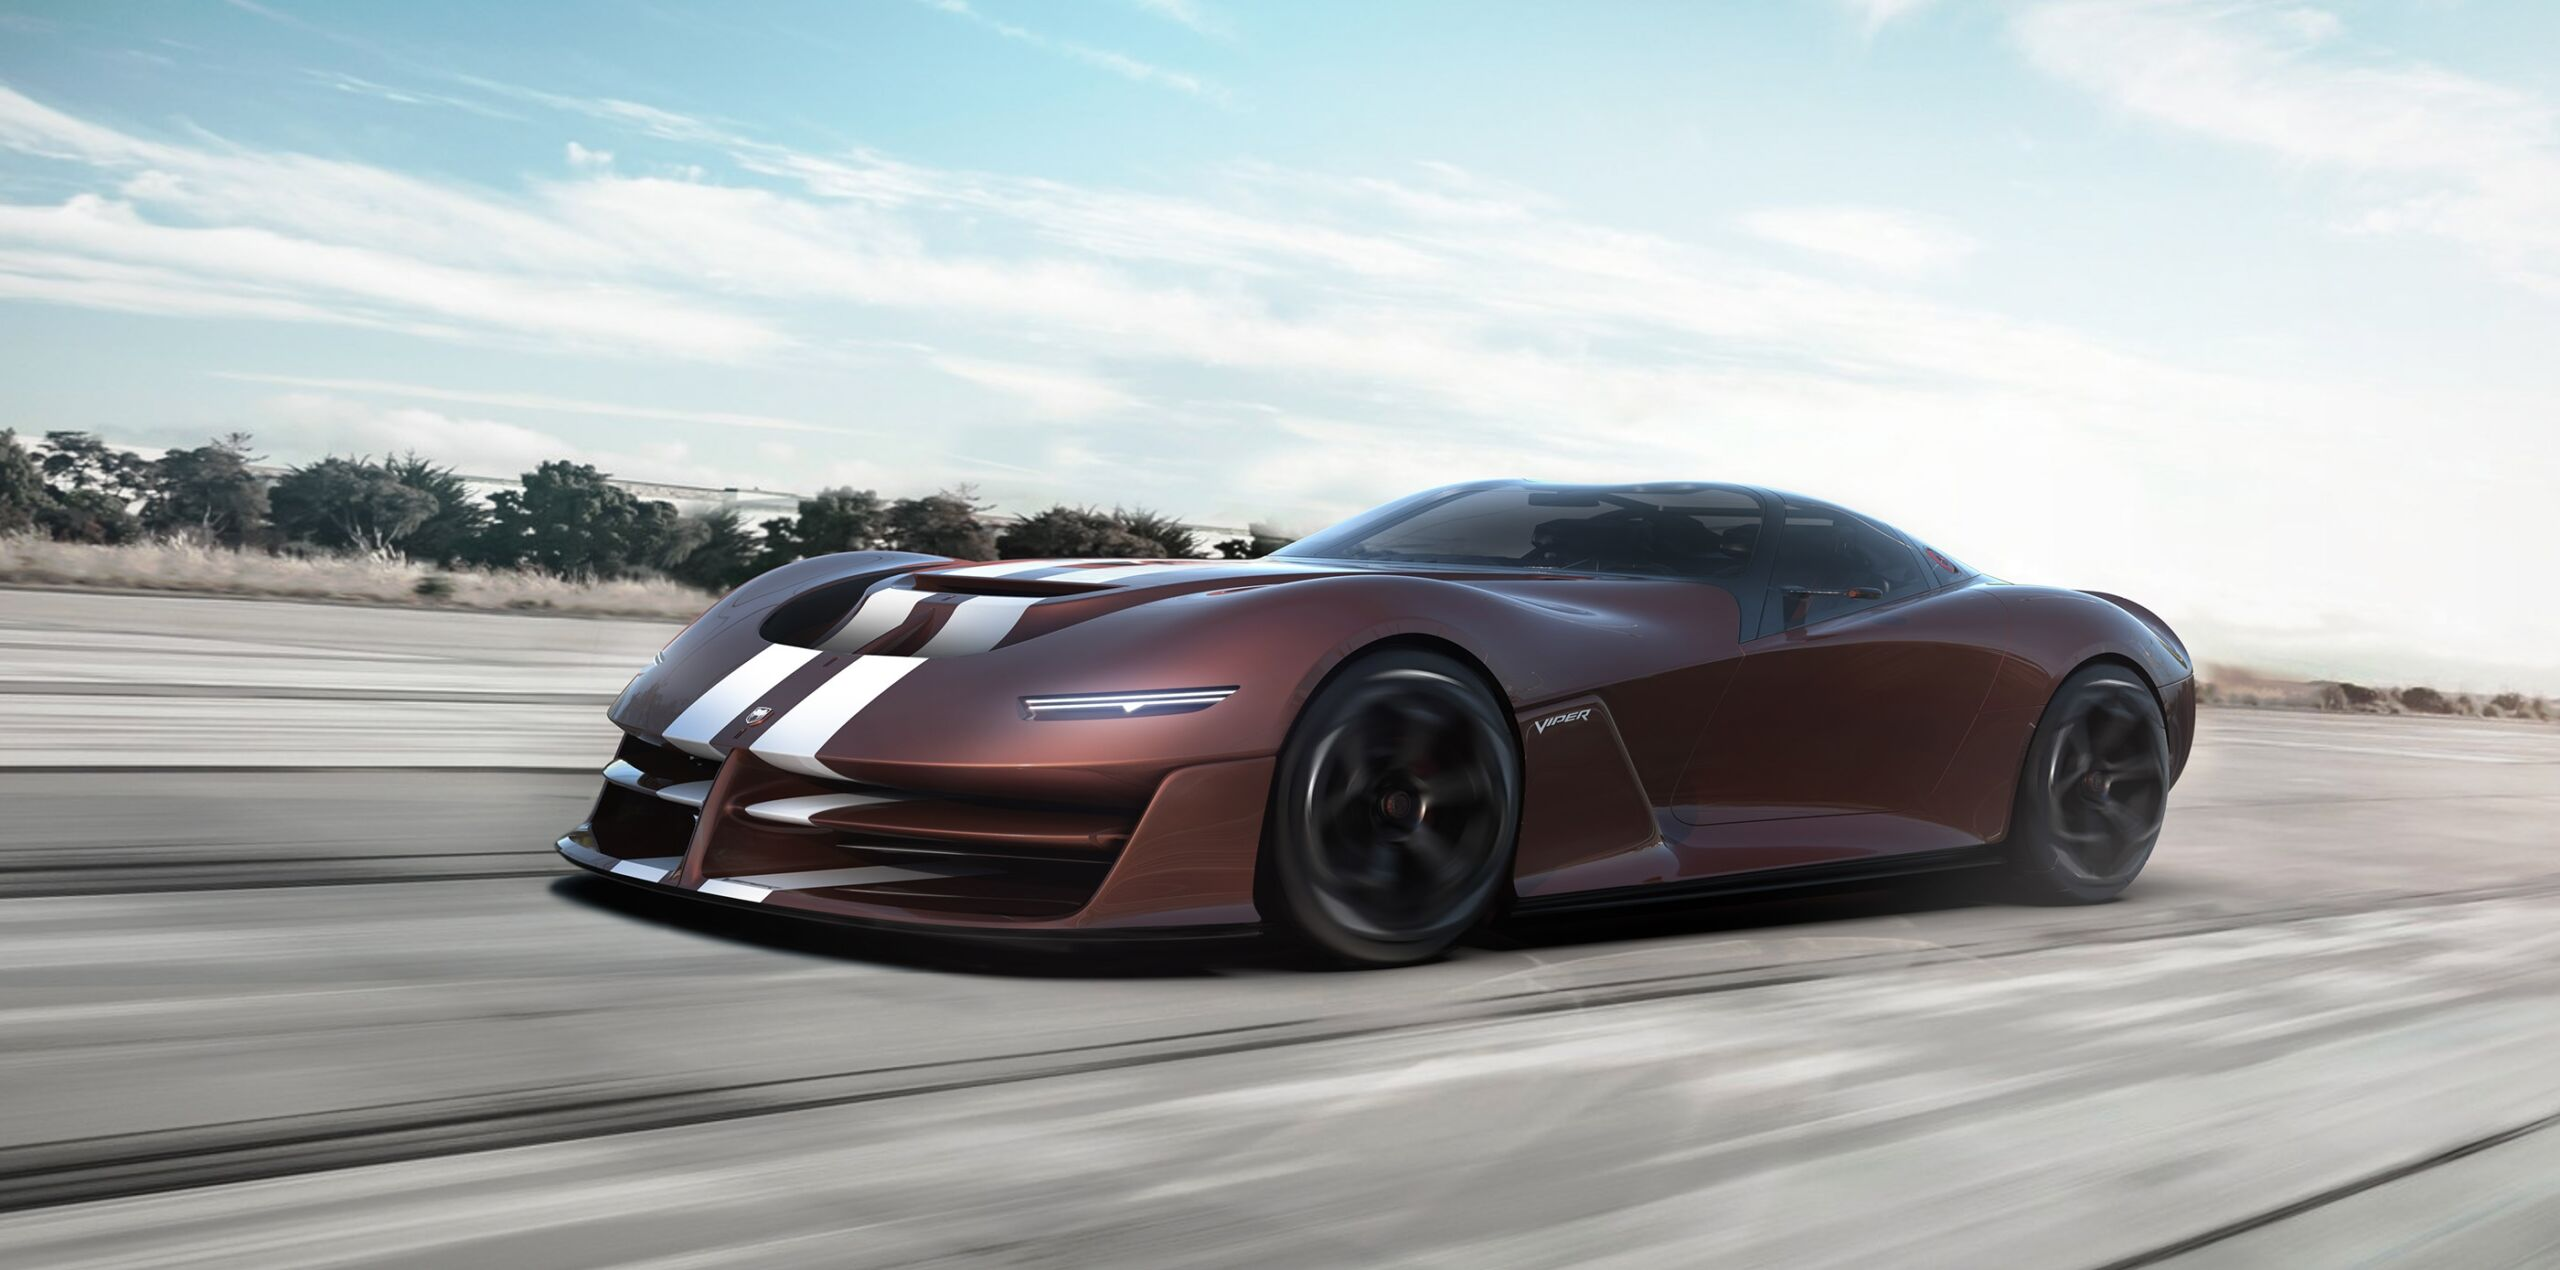 Dodge Viper Basilisk concept